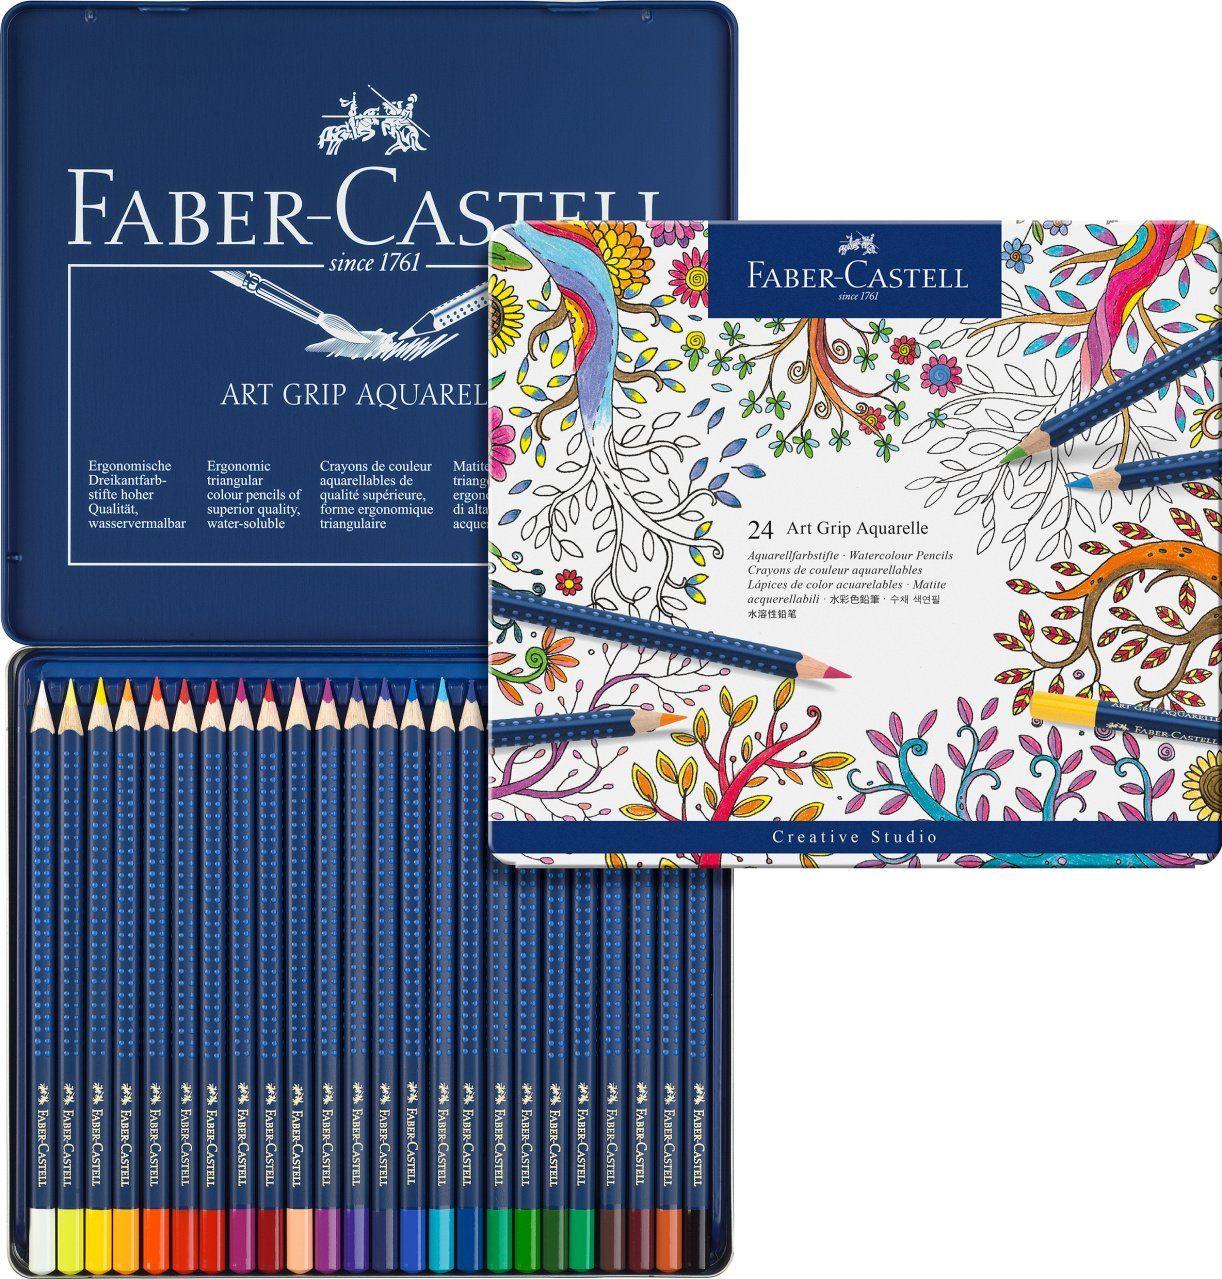 Faber Castell Art Grip Aquarelle Watercolour Pencils 60 Colour